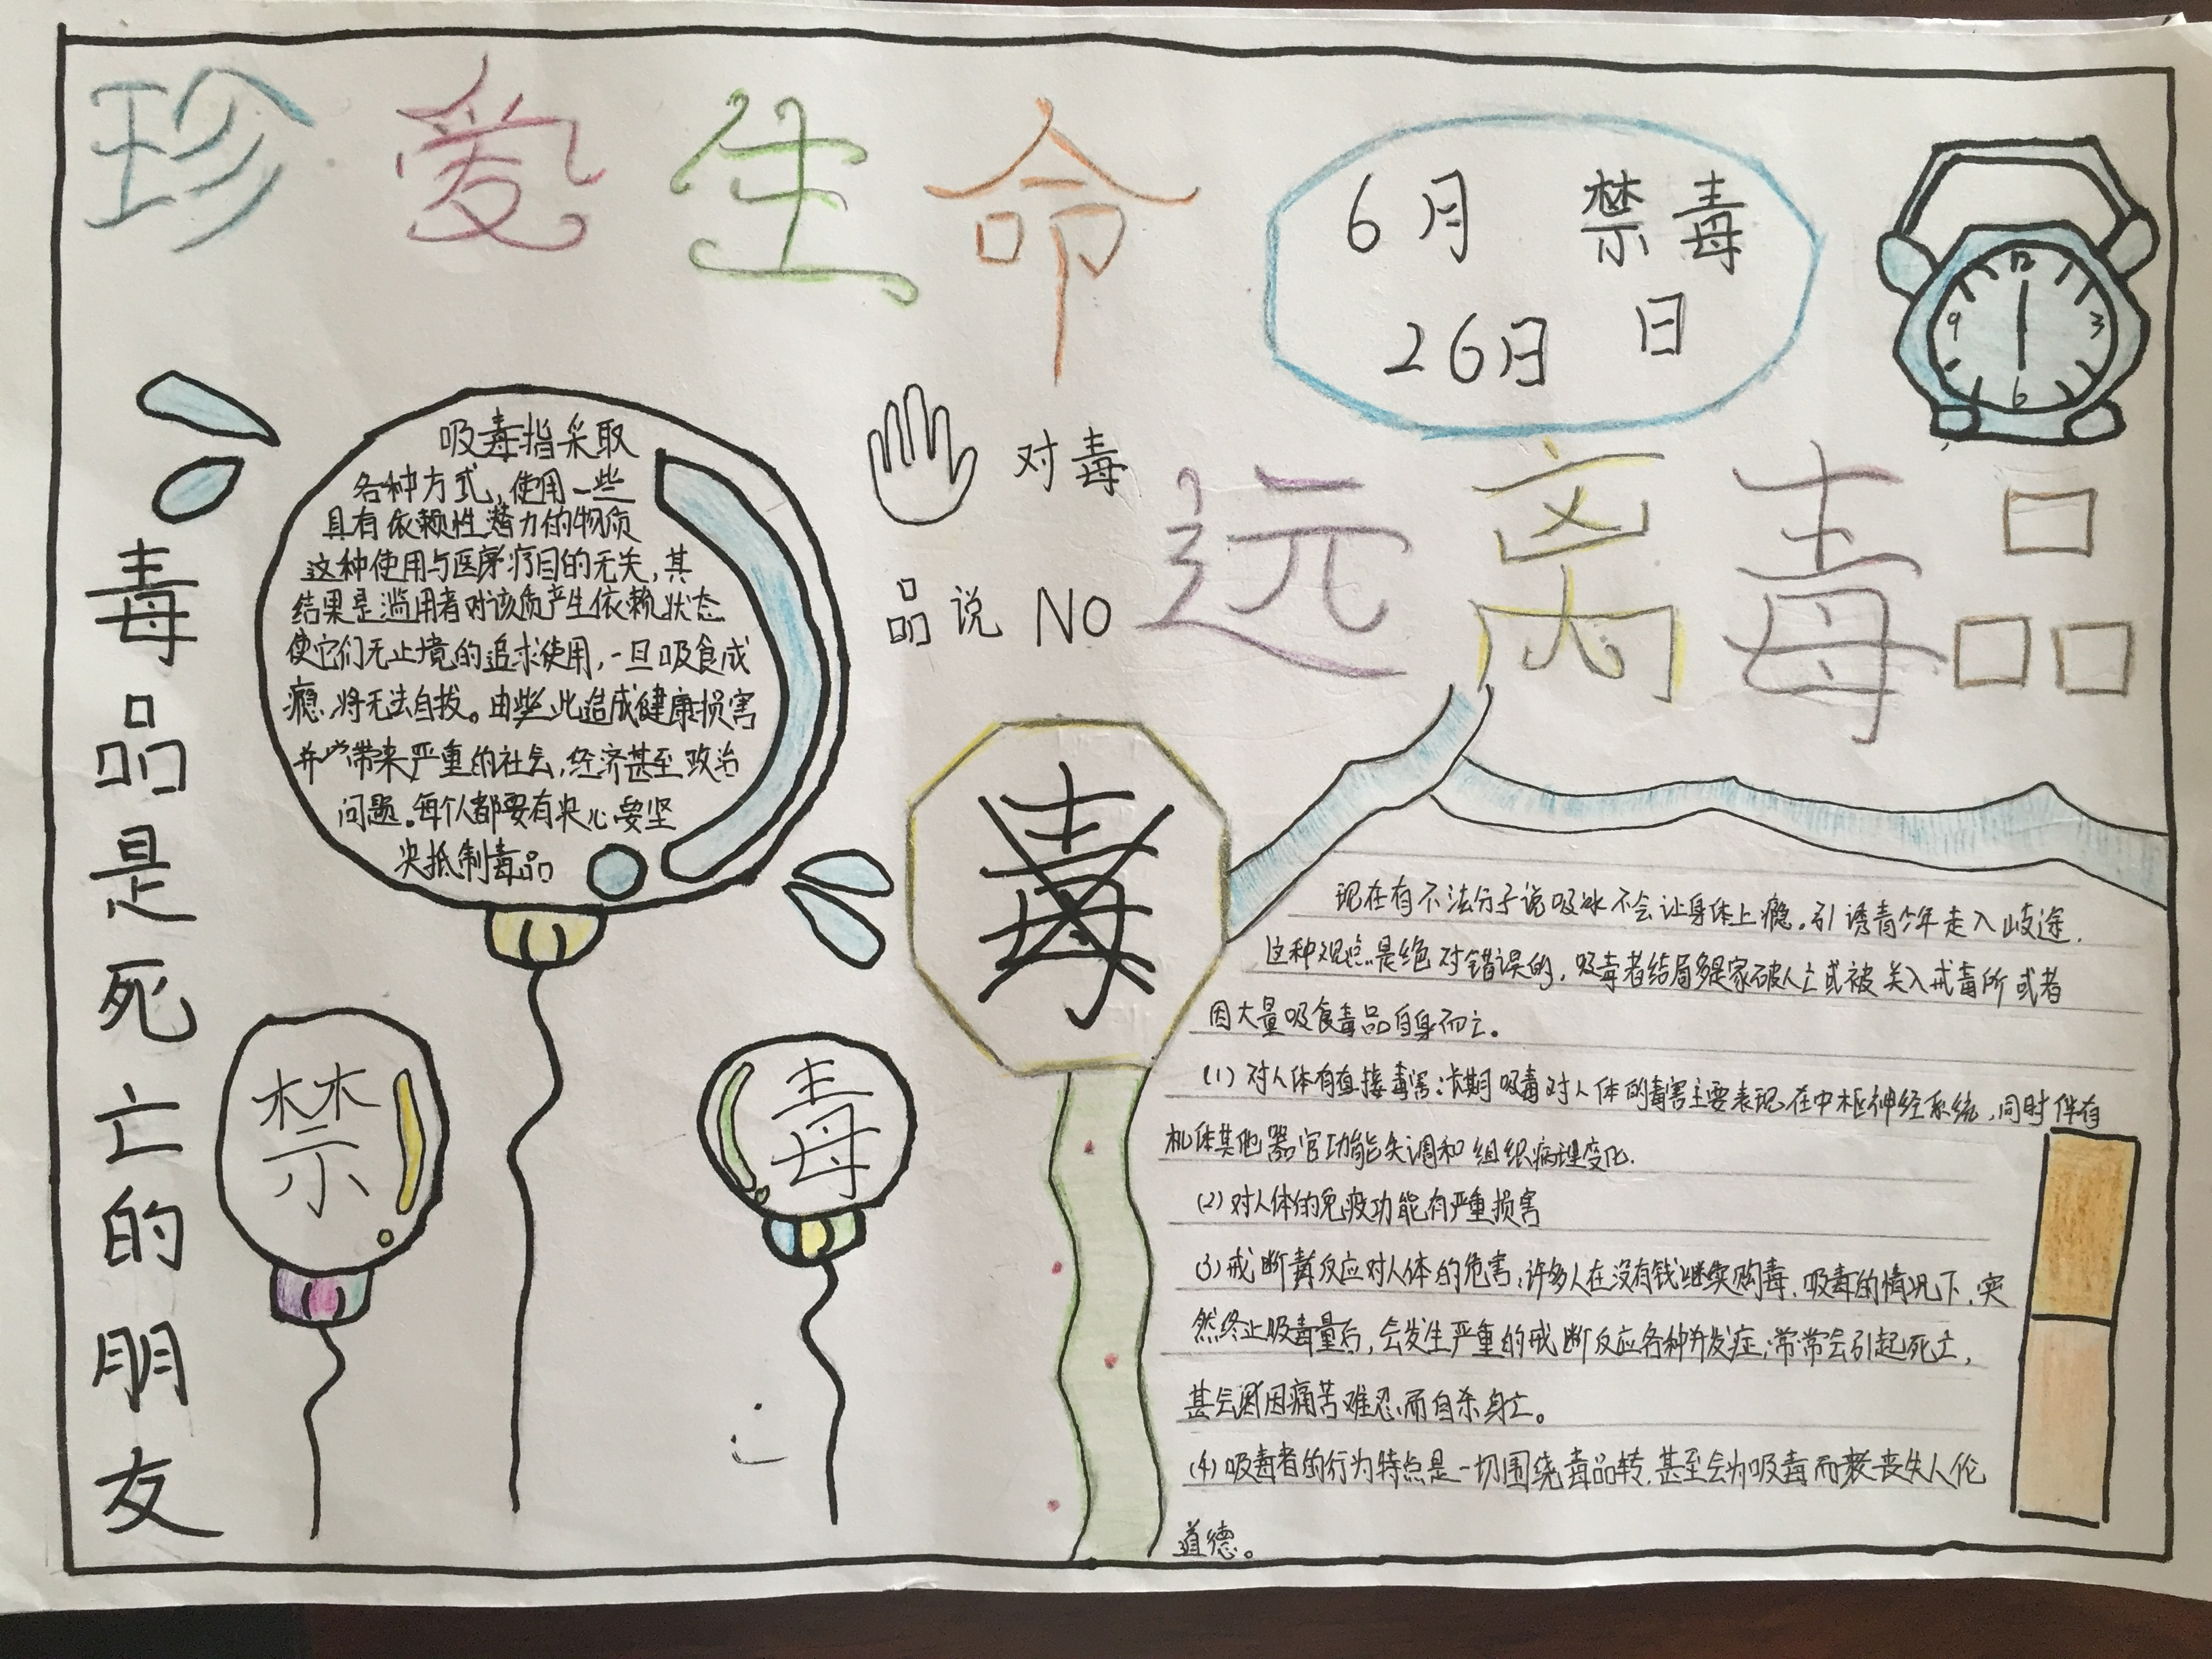 毒品预防手抄报 - 各地中小学开学典礼交流专题